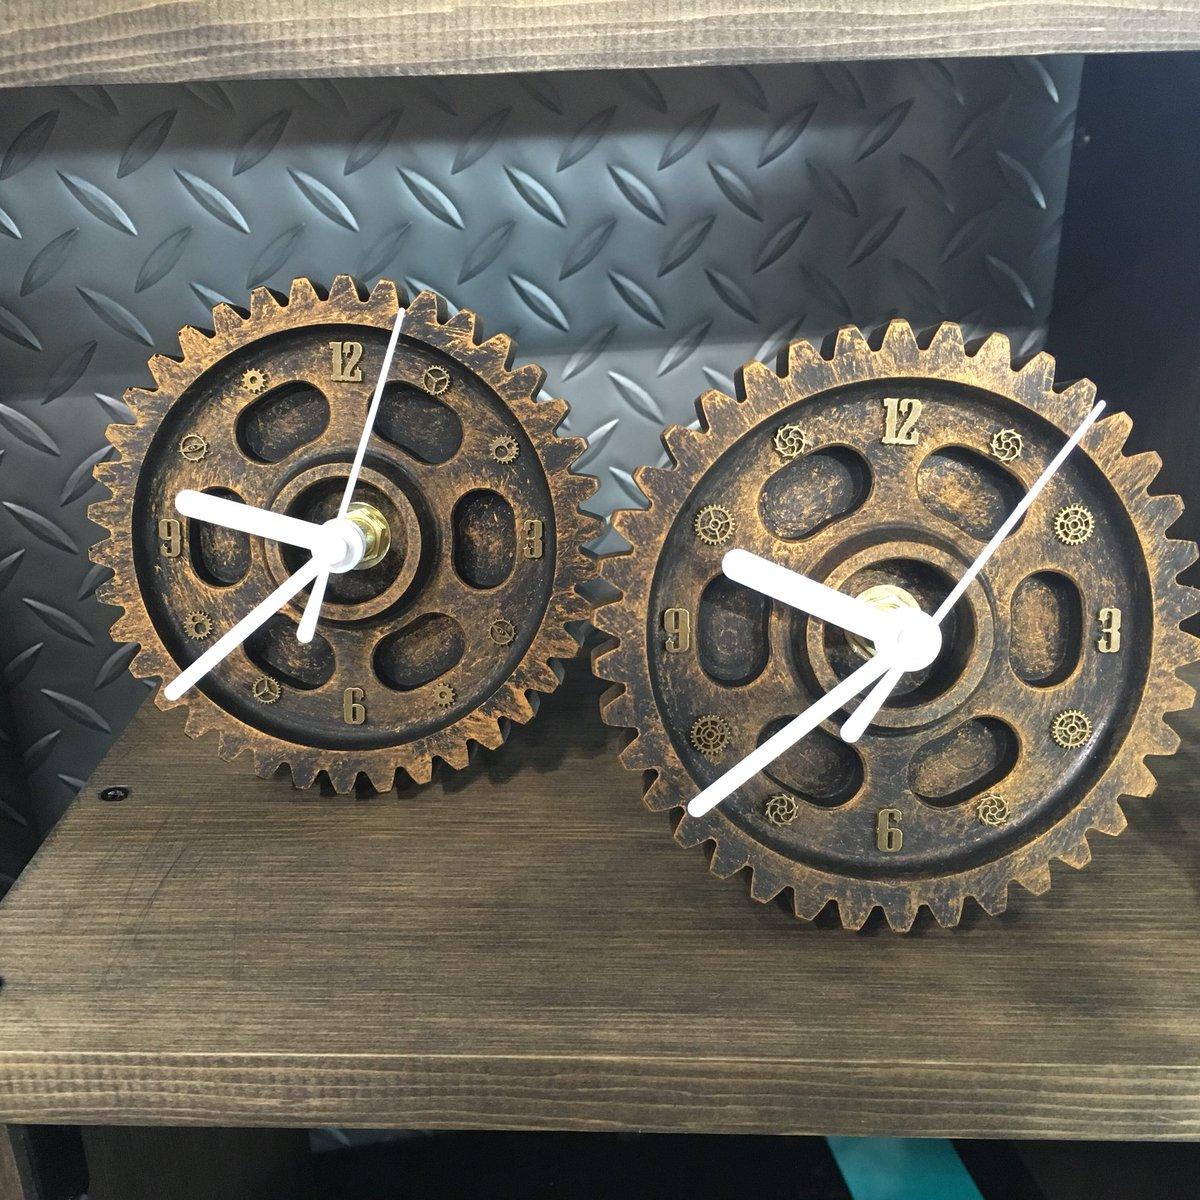 ギリギリの完成だったのでツイートしてなかったんですけど、今回も歯車置時計あります。 #steampunk #モノヴィレ2018 #サッポロモノヴィレッジ #札幌ドーム